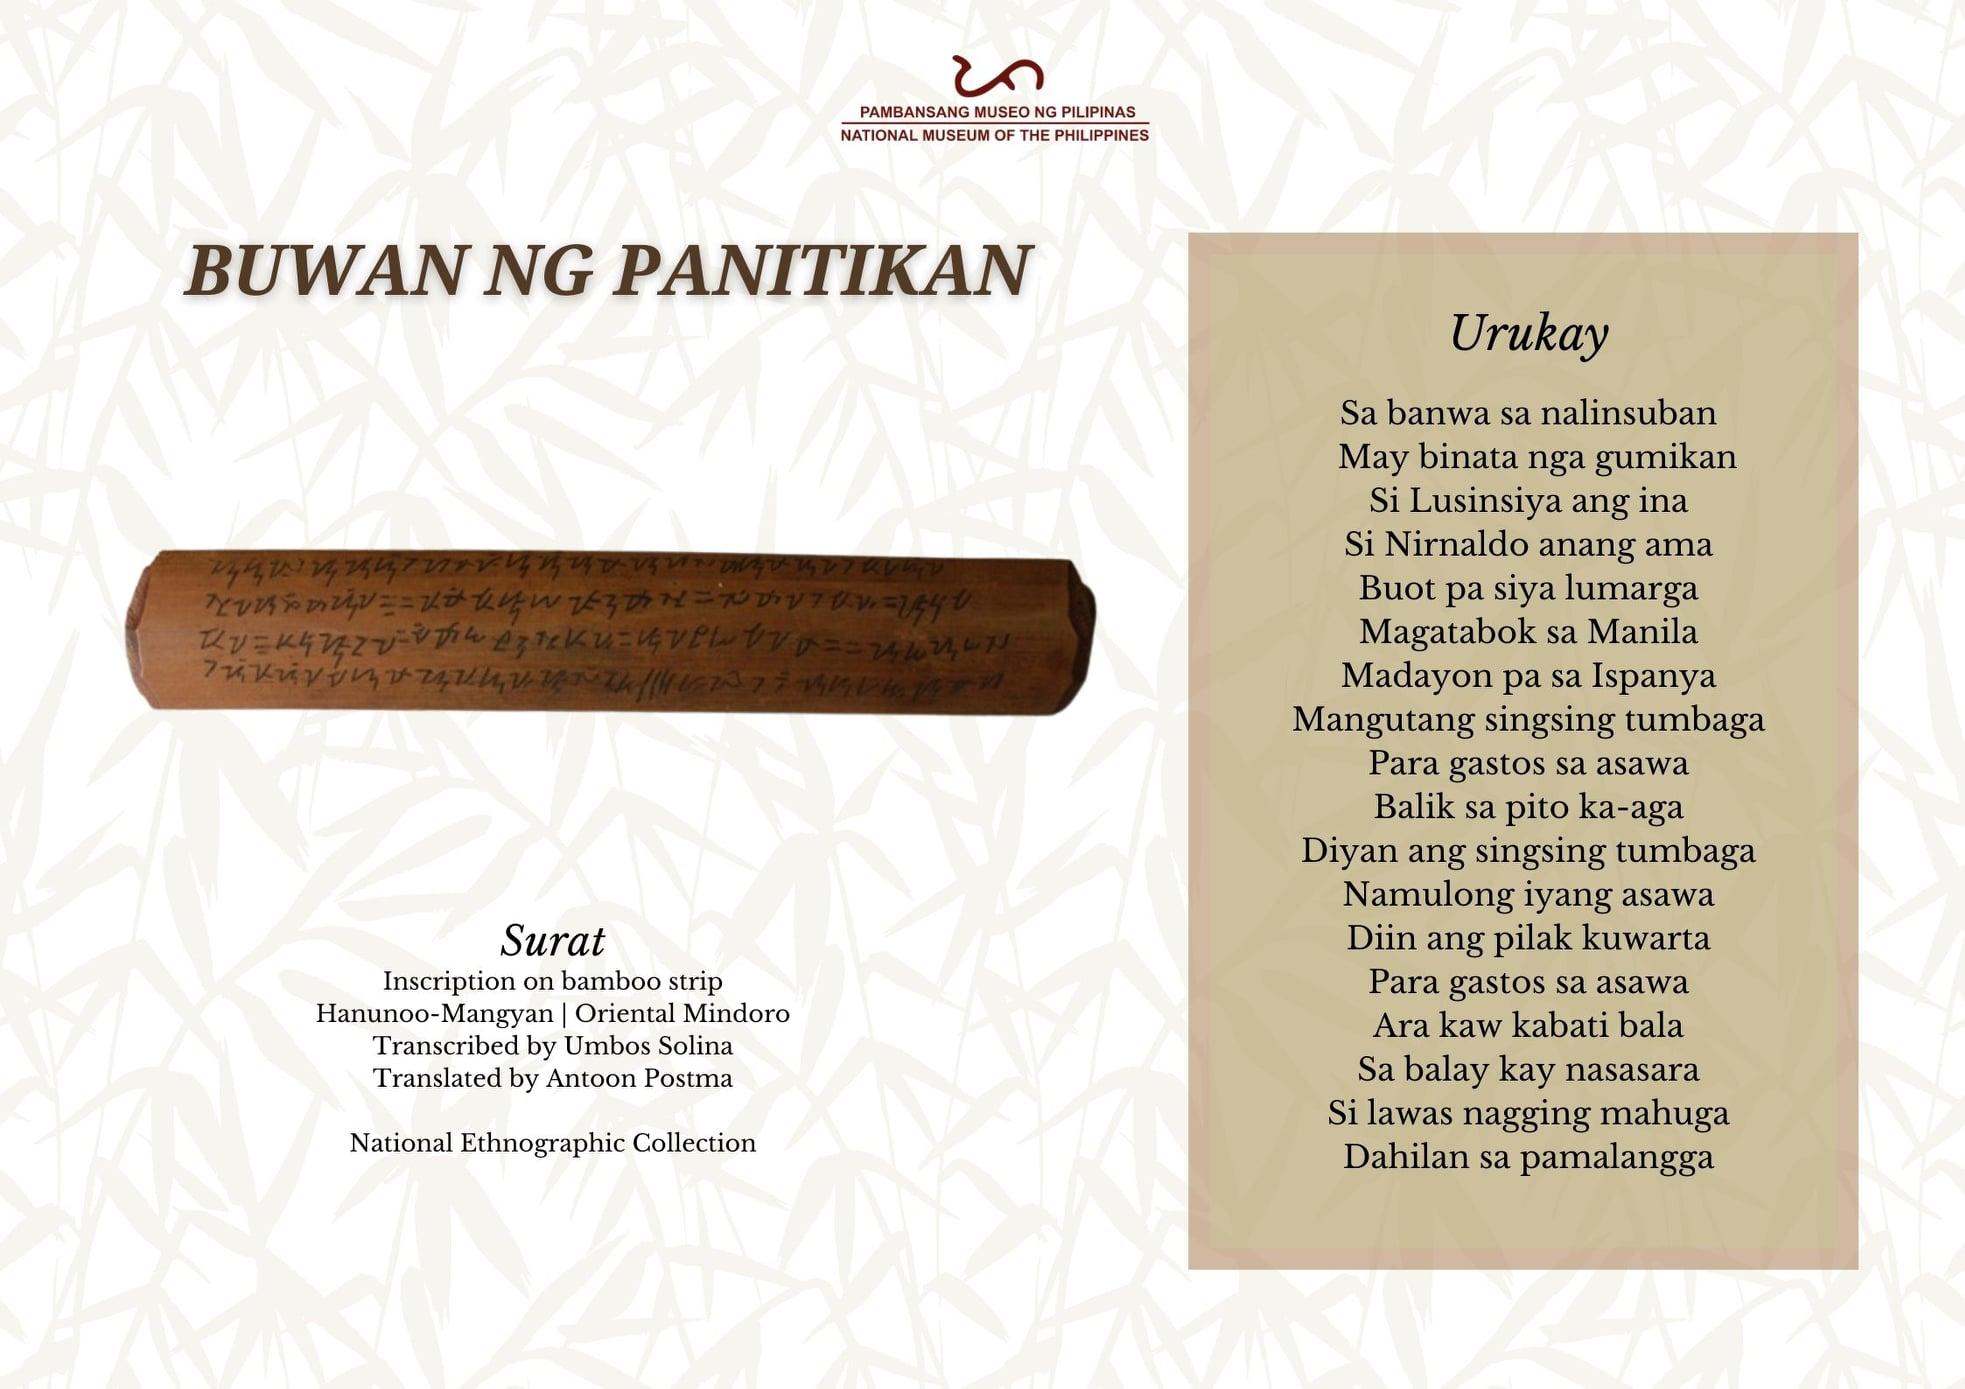 urukay surat mangyan oriental mindoro